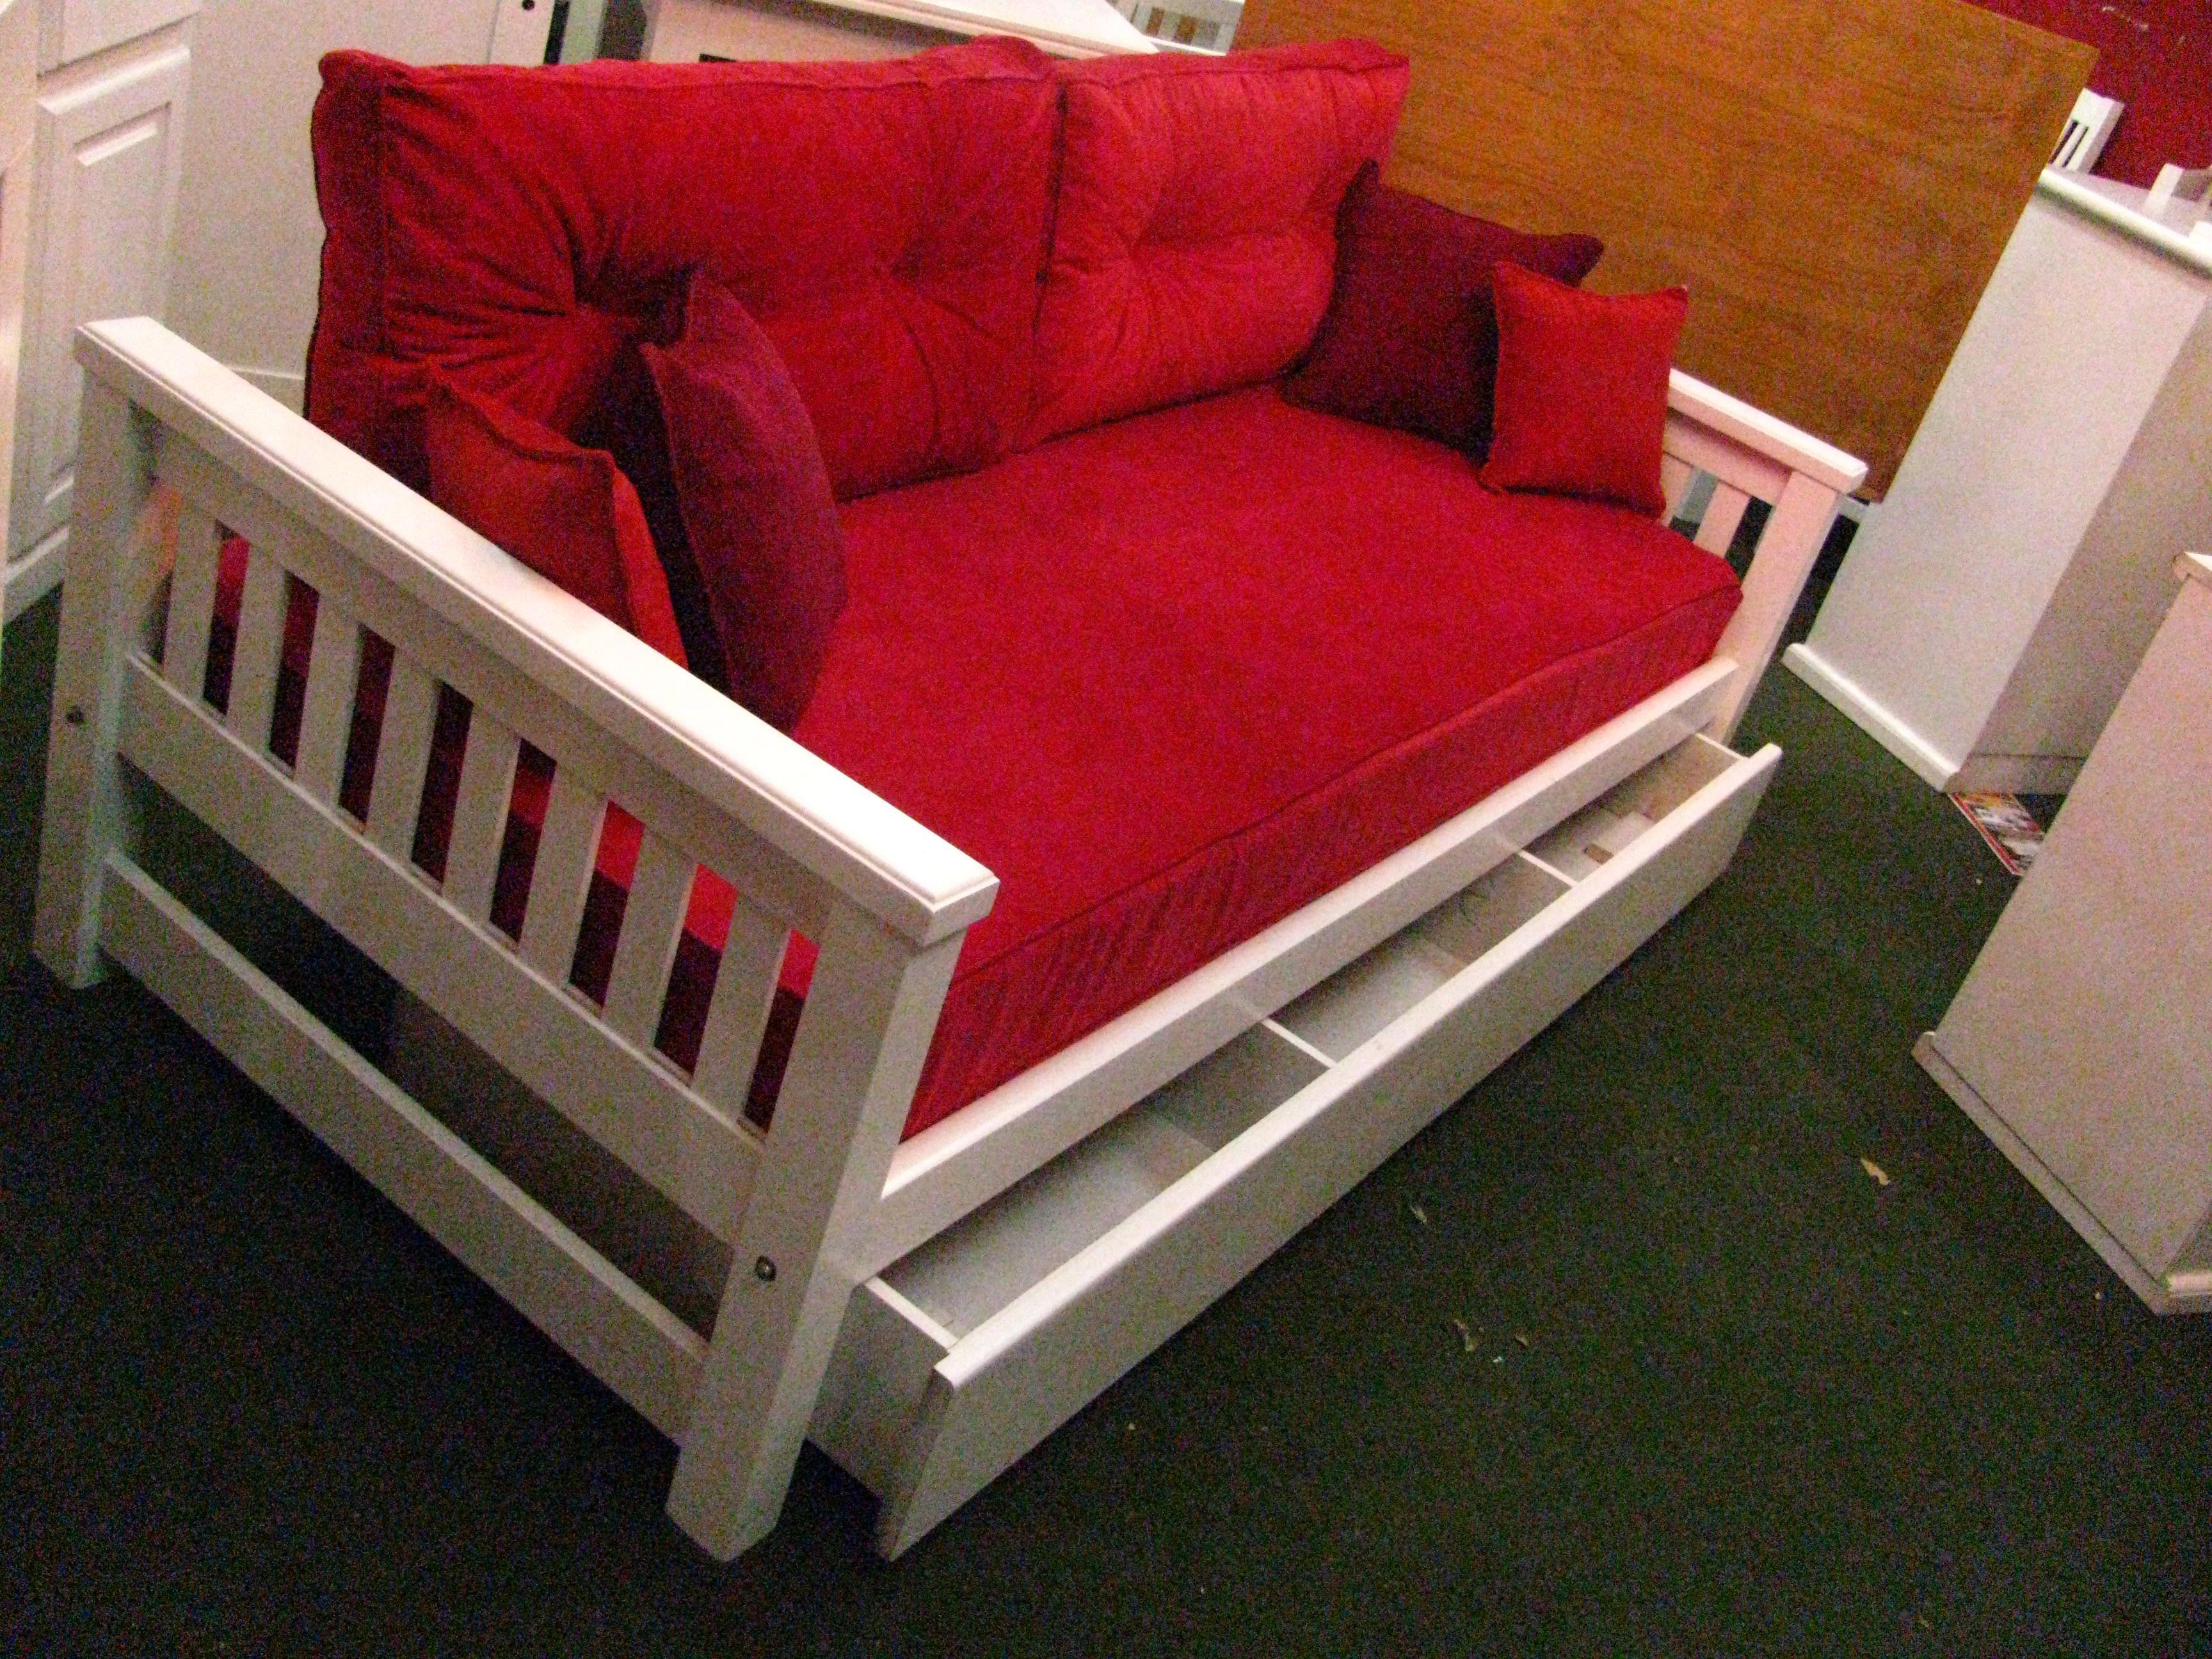 Divanes camas muebles de pino laqueados www - Camas supletorias y divanes ...